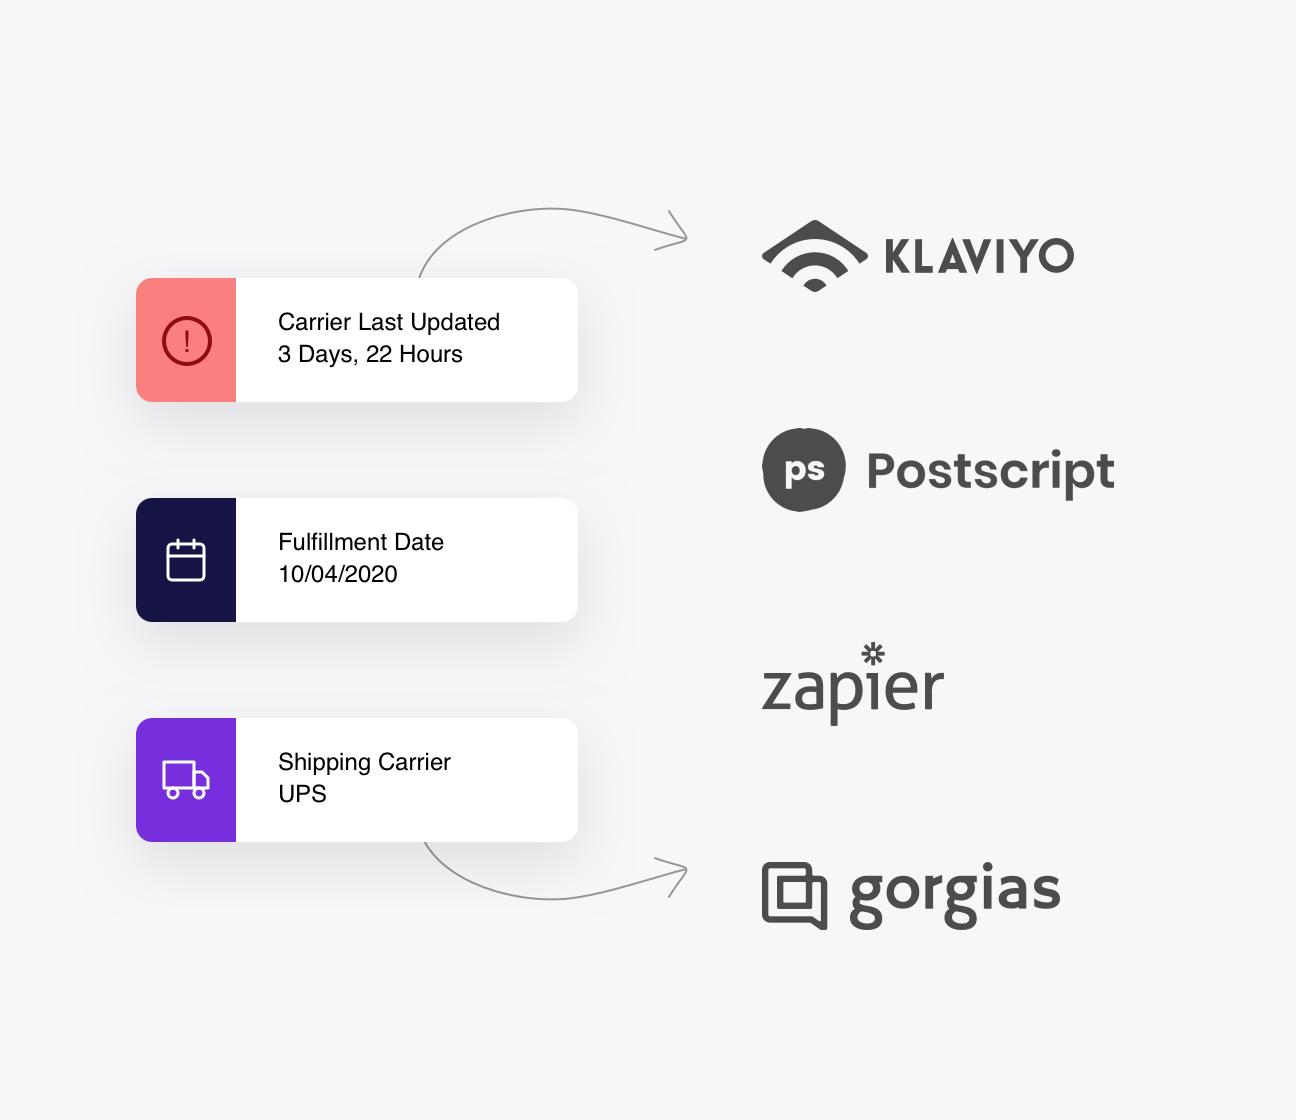 Klaviyo Gorgias Postscript Zapier